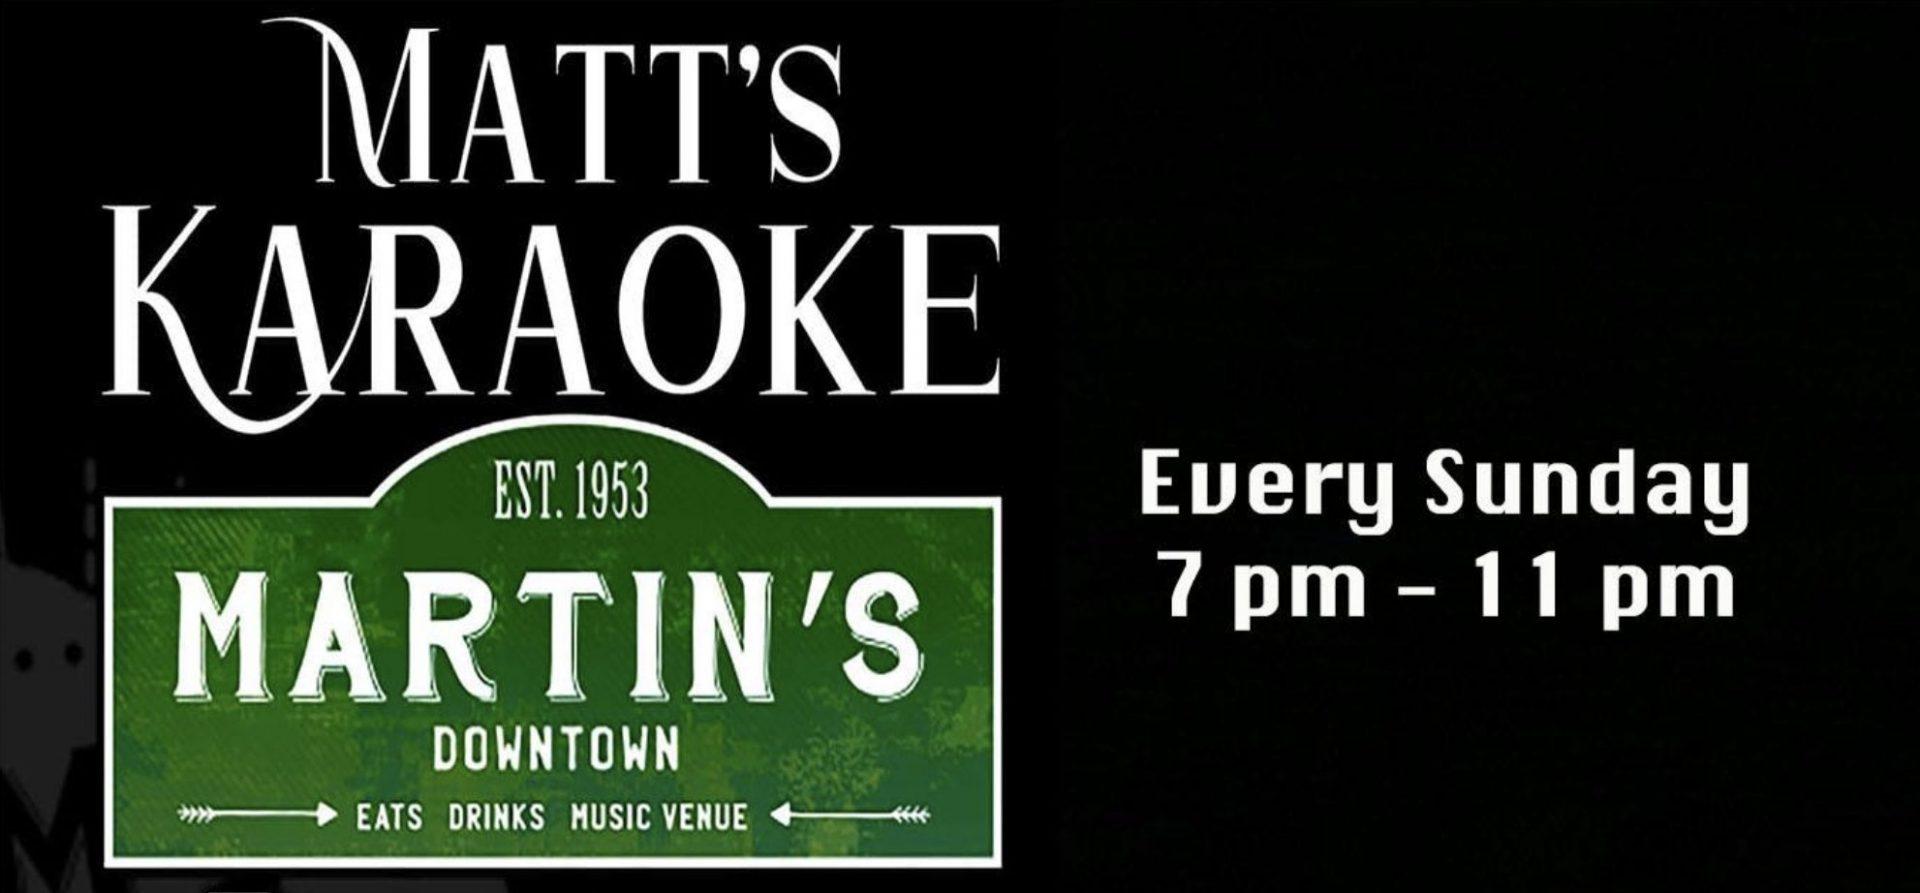 Matt's Karaoke